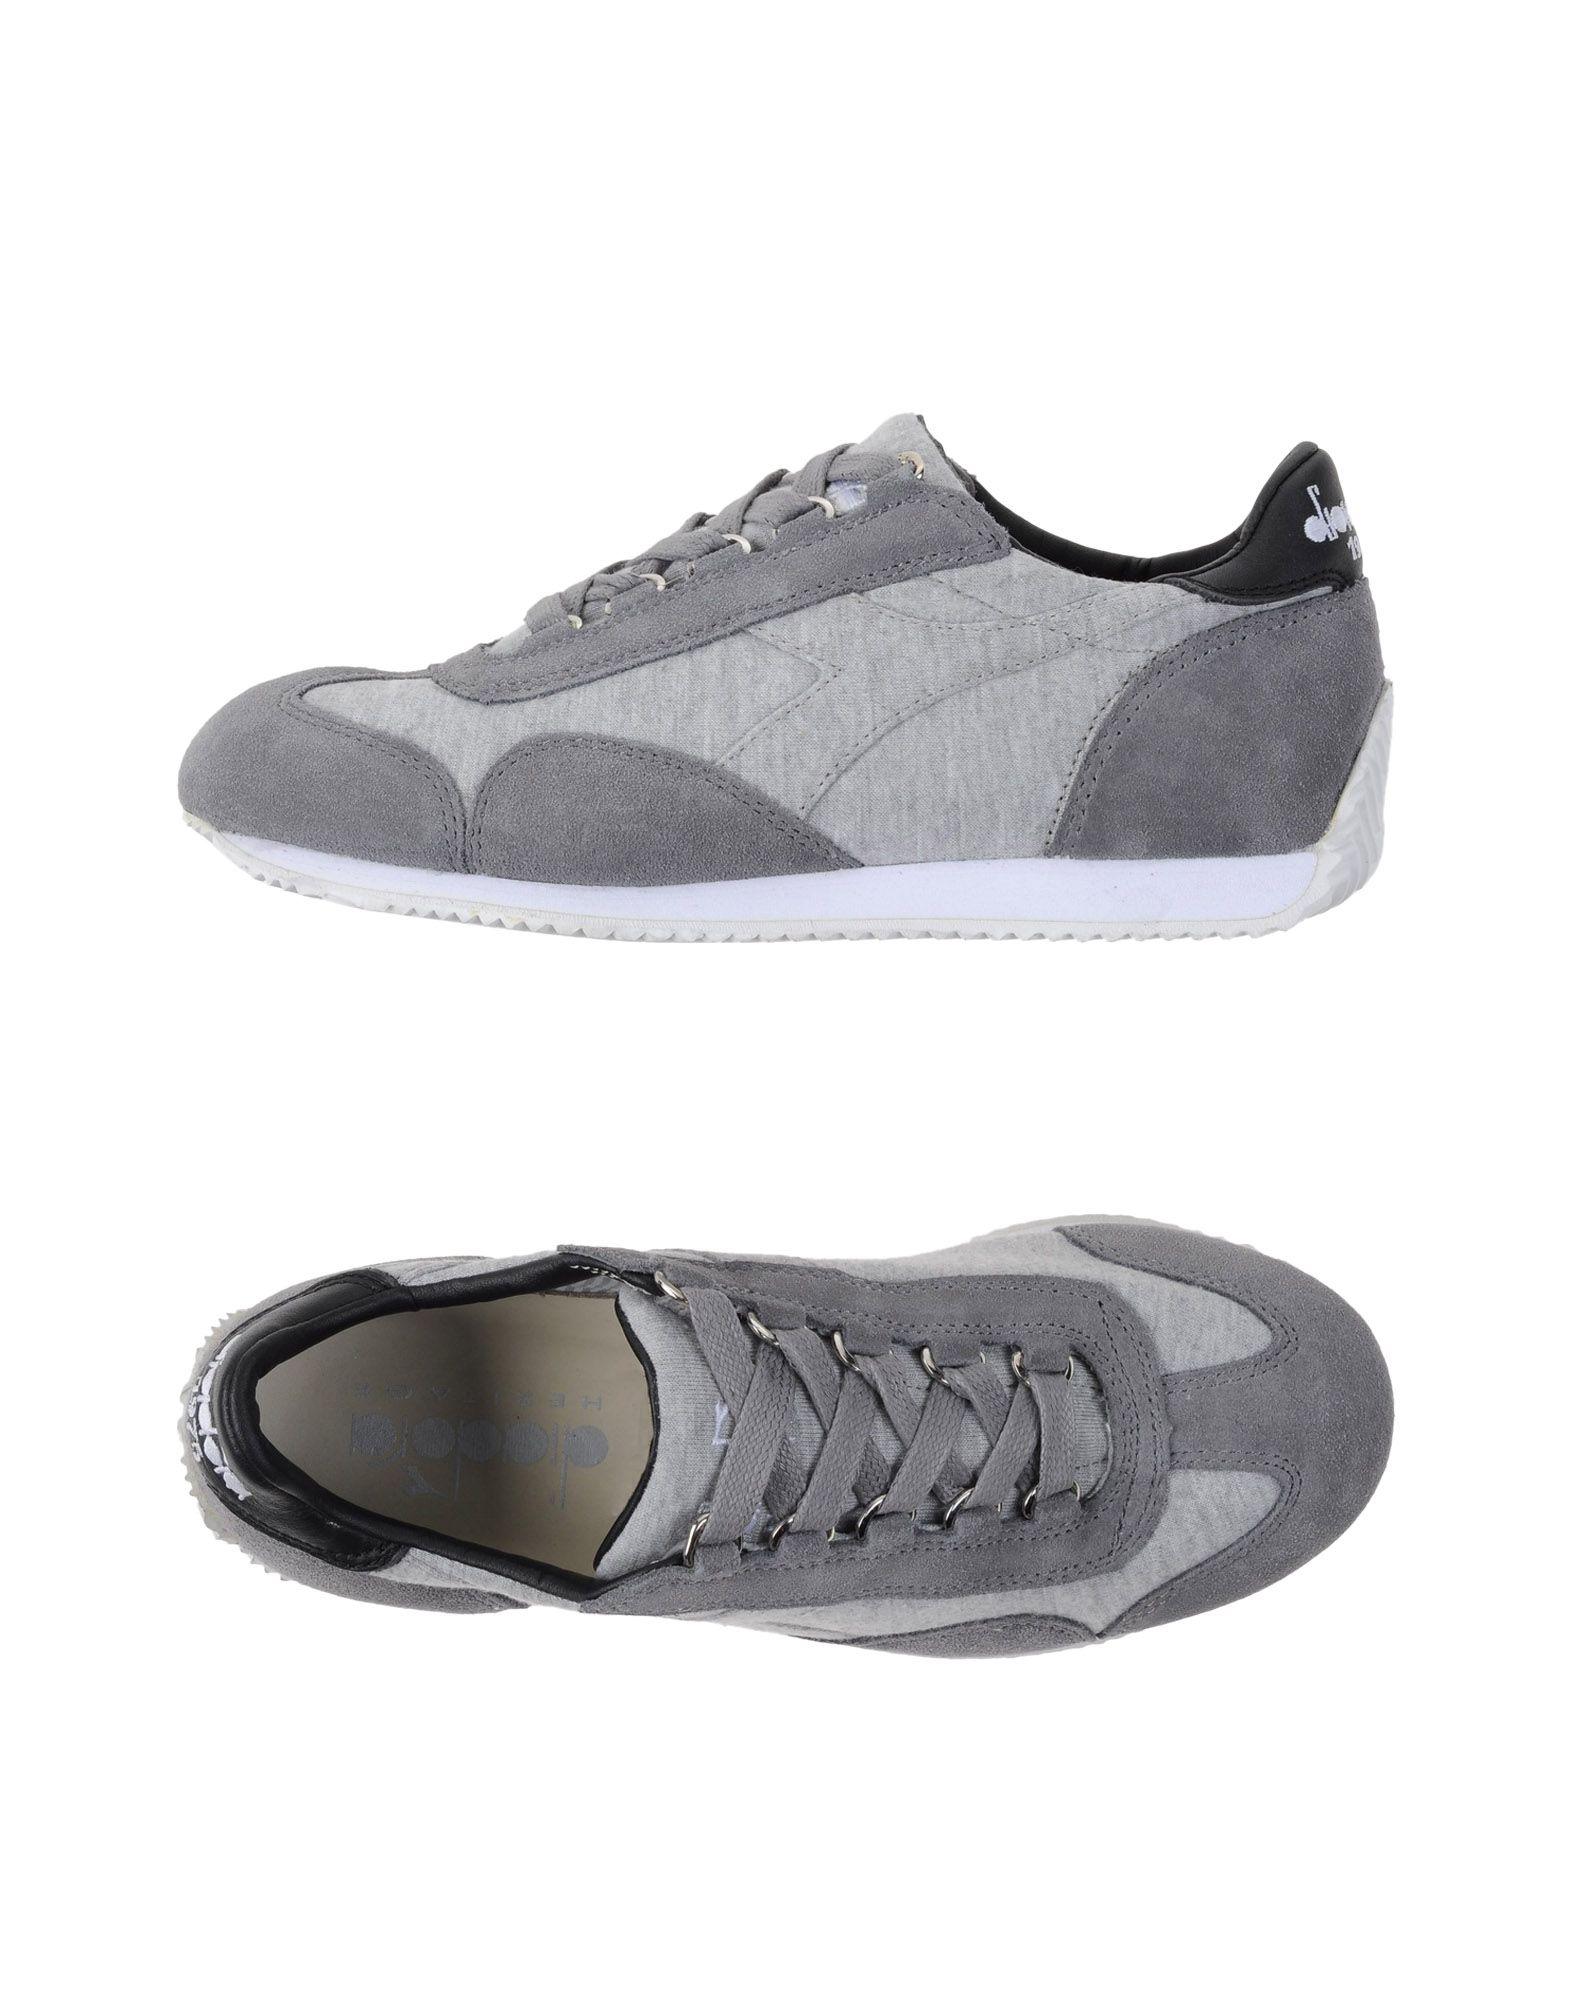 Diadora Heritage Sneakers Damen beliebte  11117538OM Gute Qualität beliebte Damen Schuhe b690a8